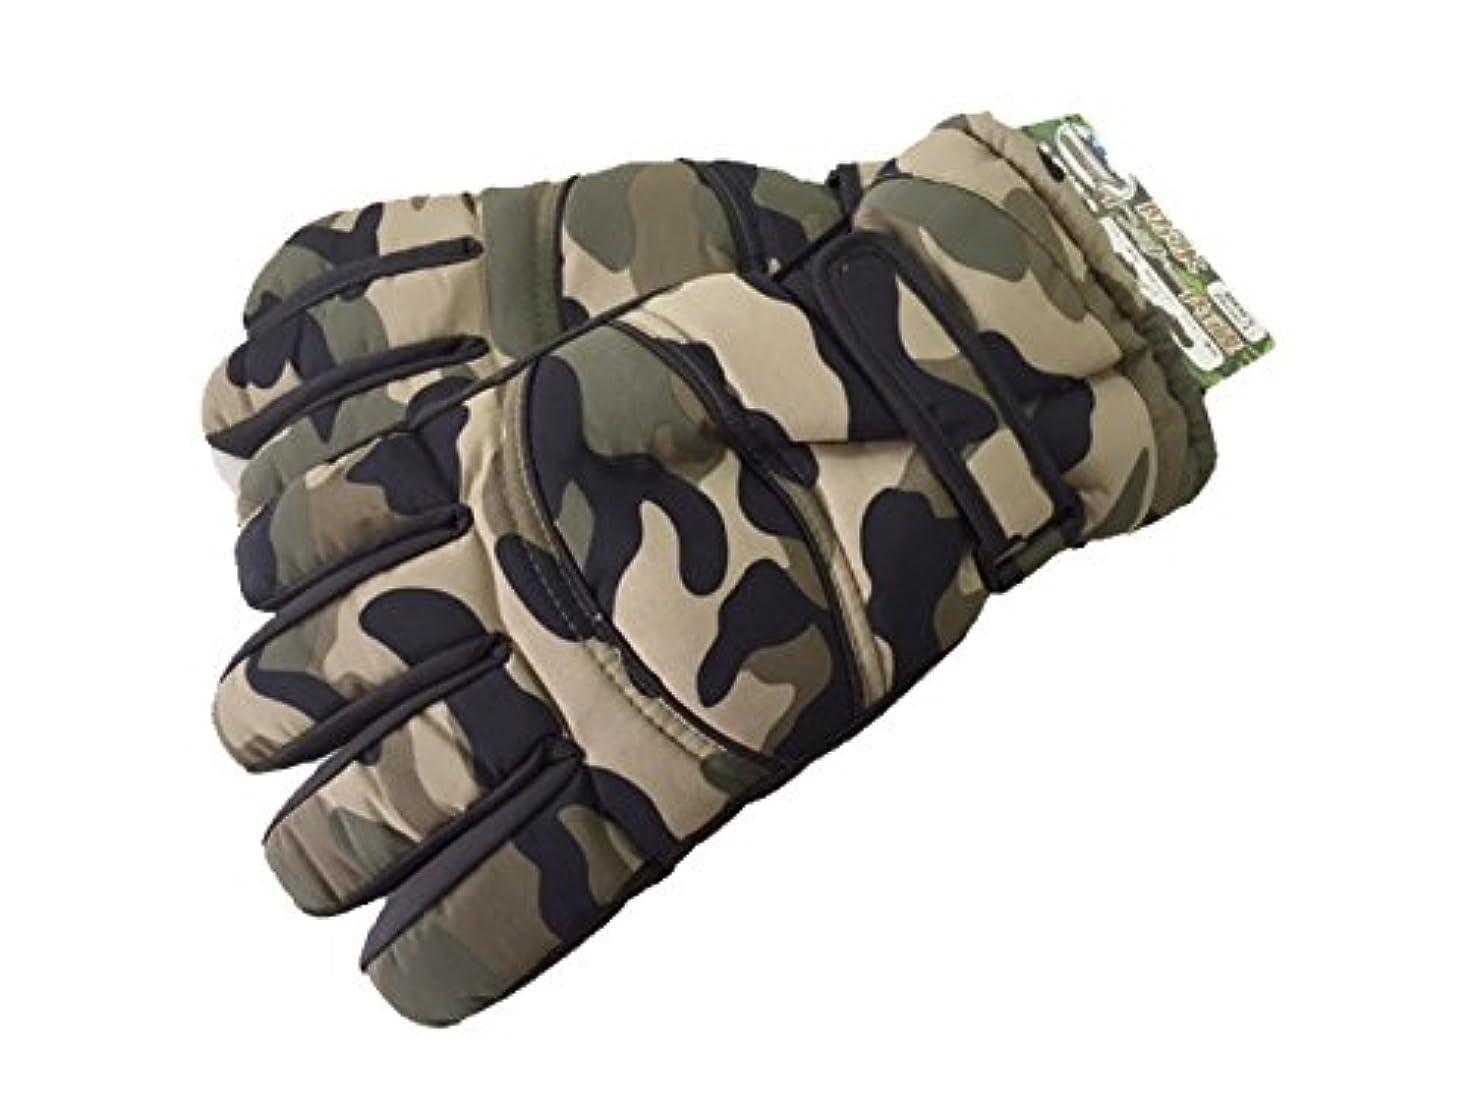 新しさまもなくジャケットJaggad(ジャガッド) 厚手 防水インナー内臓グローブ M カモ柄 SP300